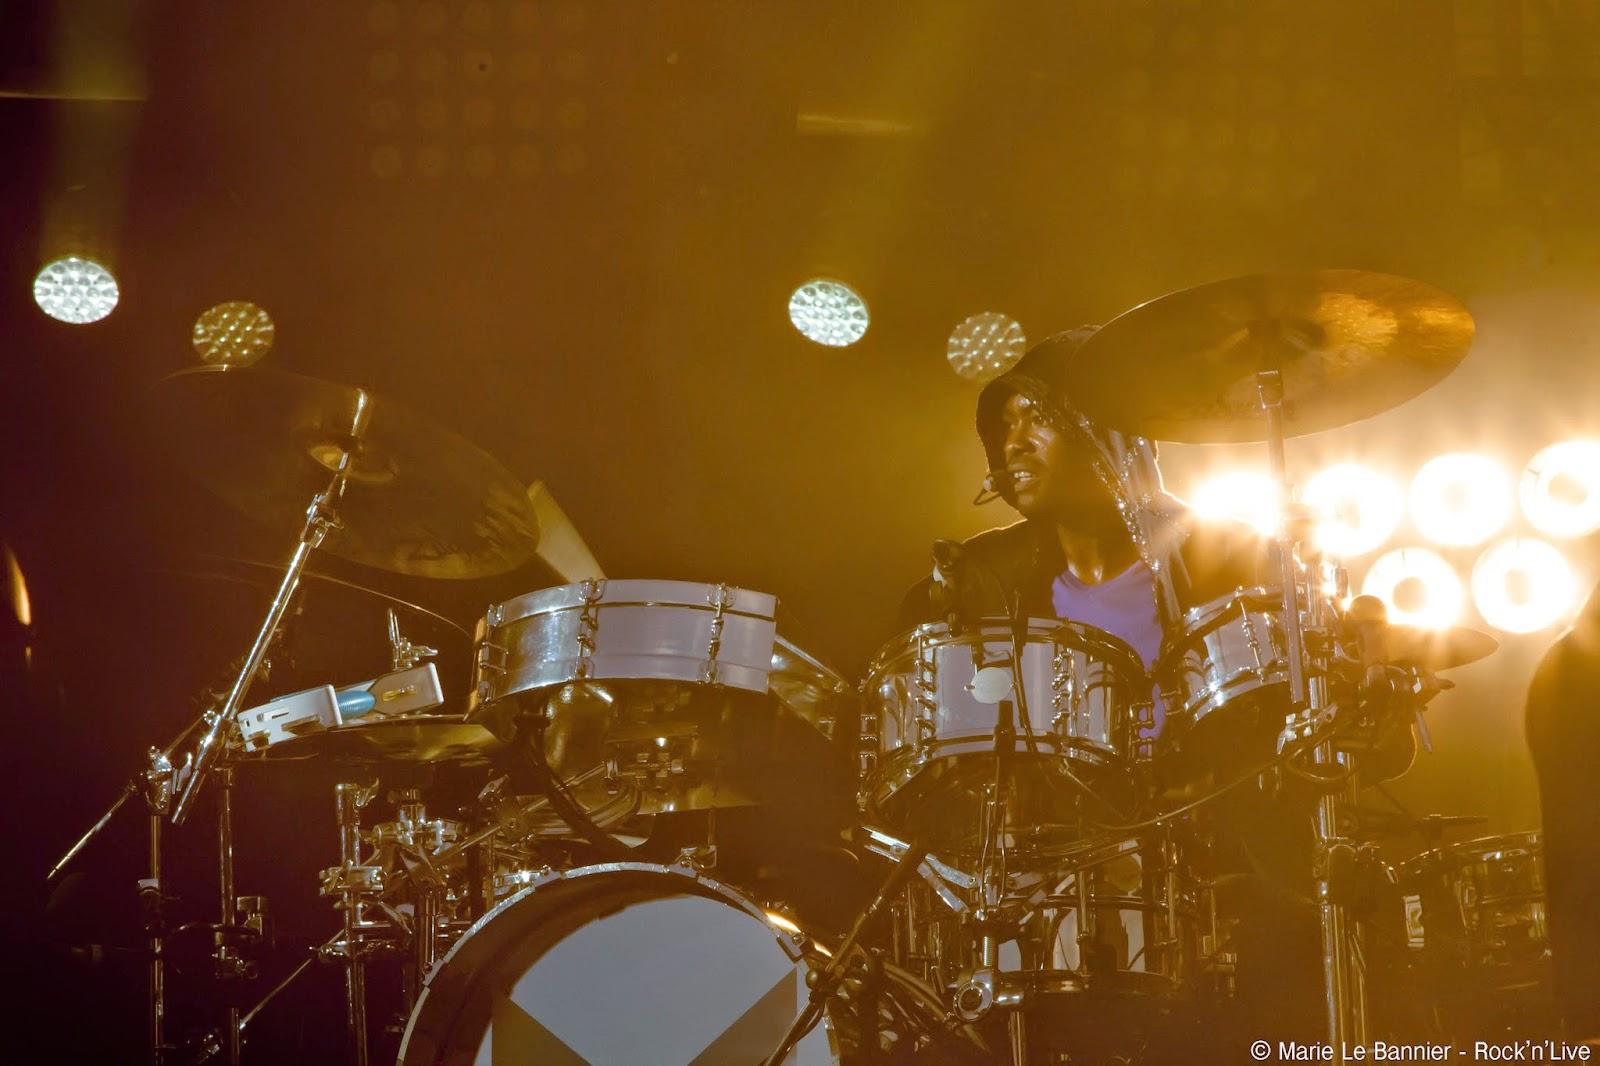 -M- Festival Fnac Live Paris Rock'n'Live 2014 Live Concert Marie Le Bannier Paris Mama Sam Ego Onde Sensuelle Je dis aime